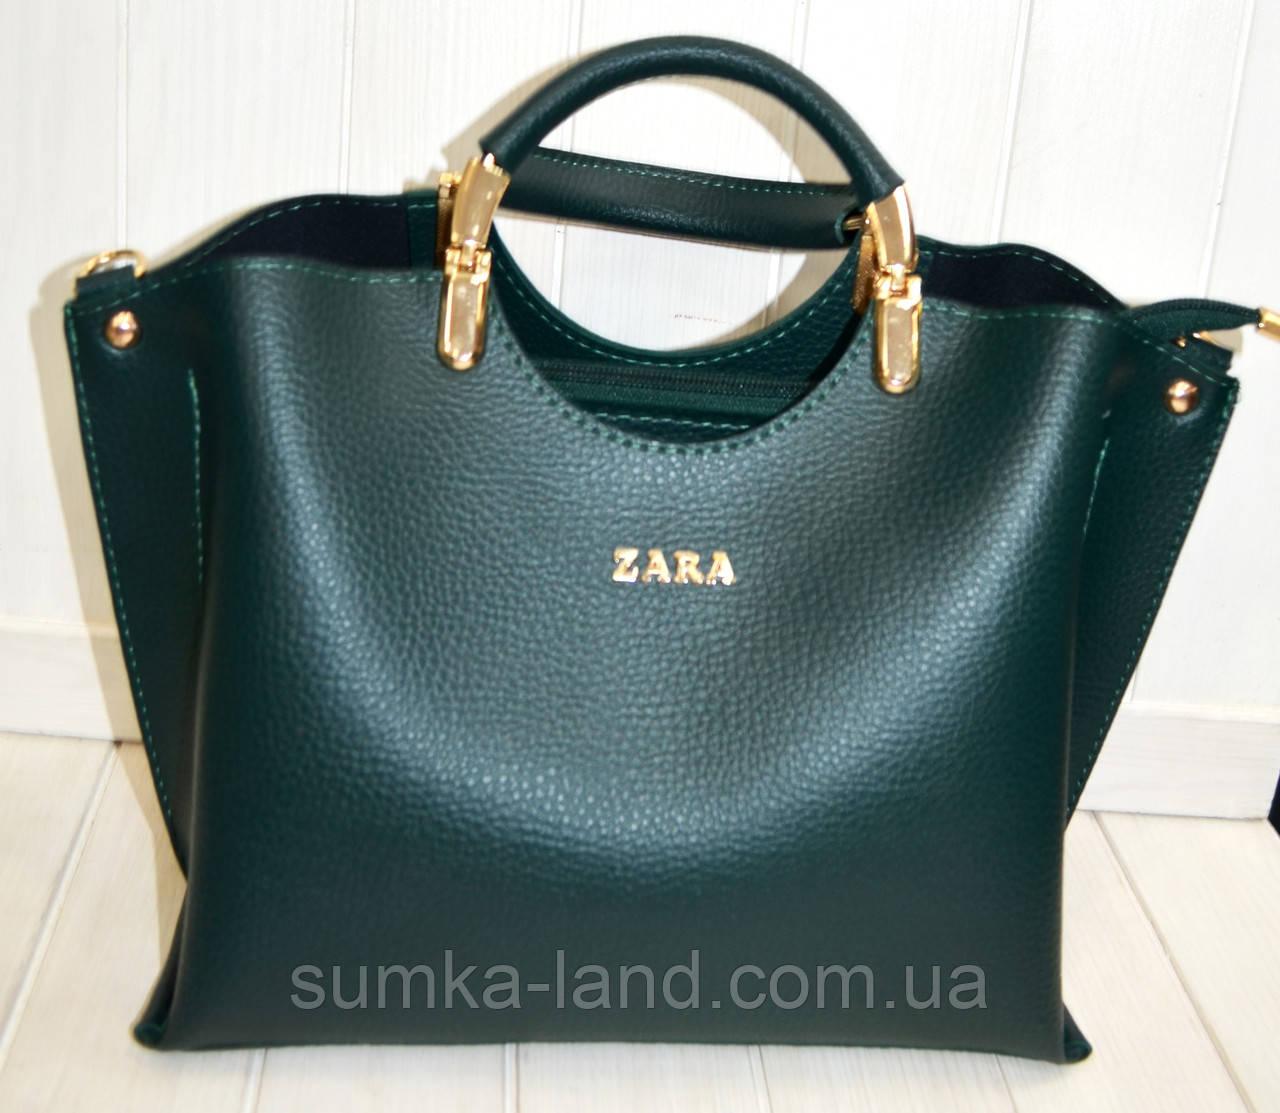 96fc753c8894 Женская сумка стильная Zara зеленая из эко-кожи 27*22 см: продажа ...